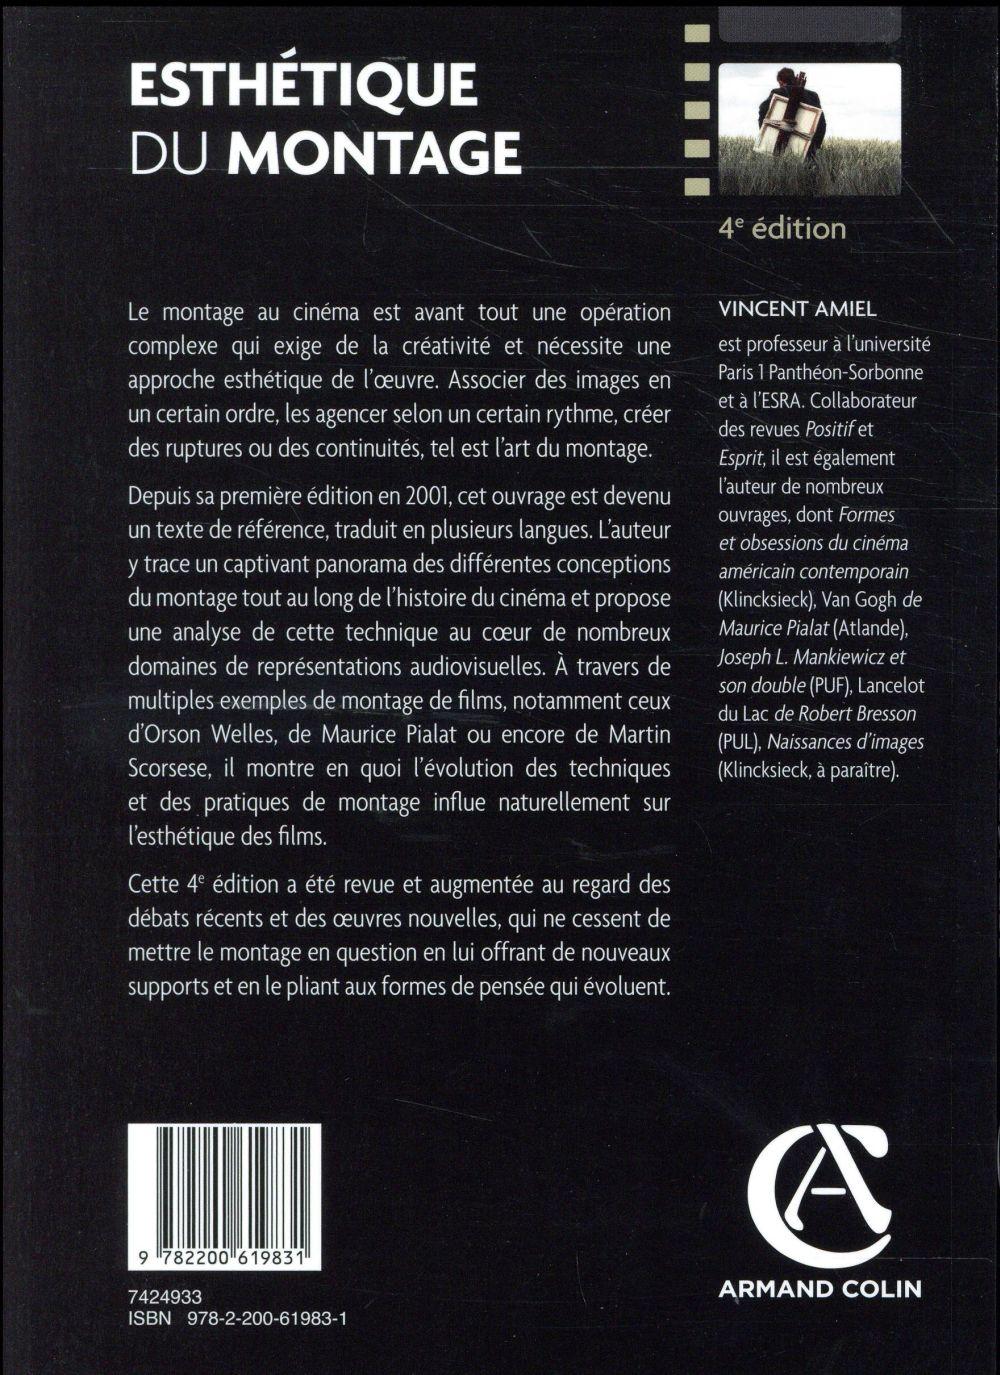 Esthétique du montage (4e édition)